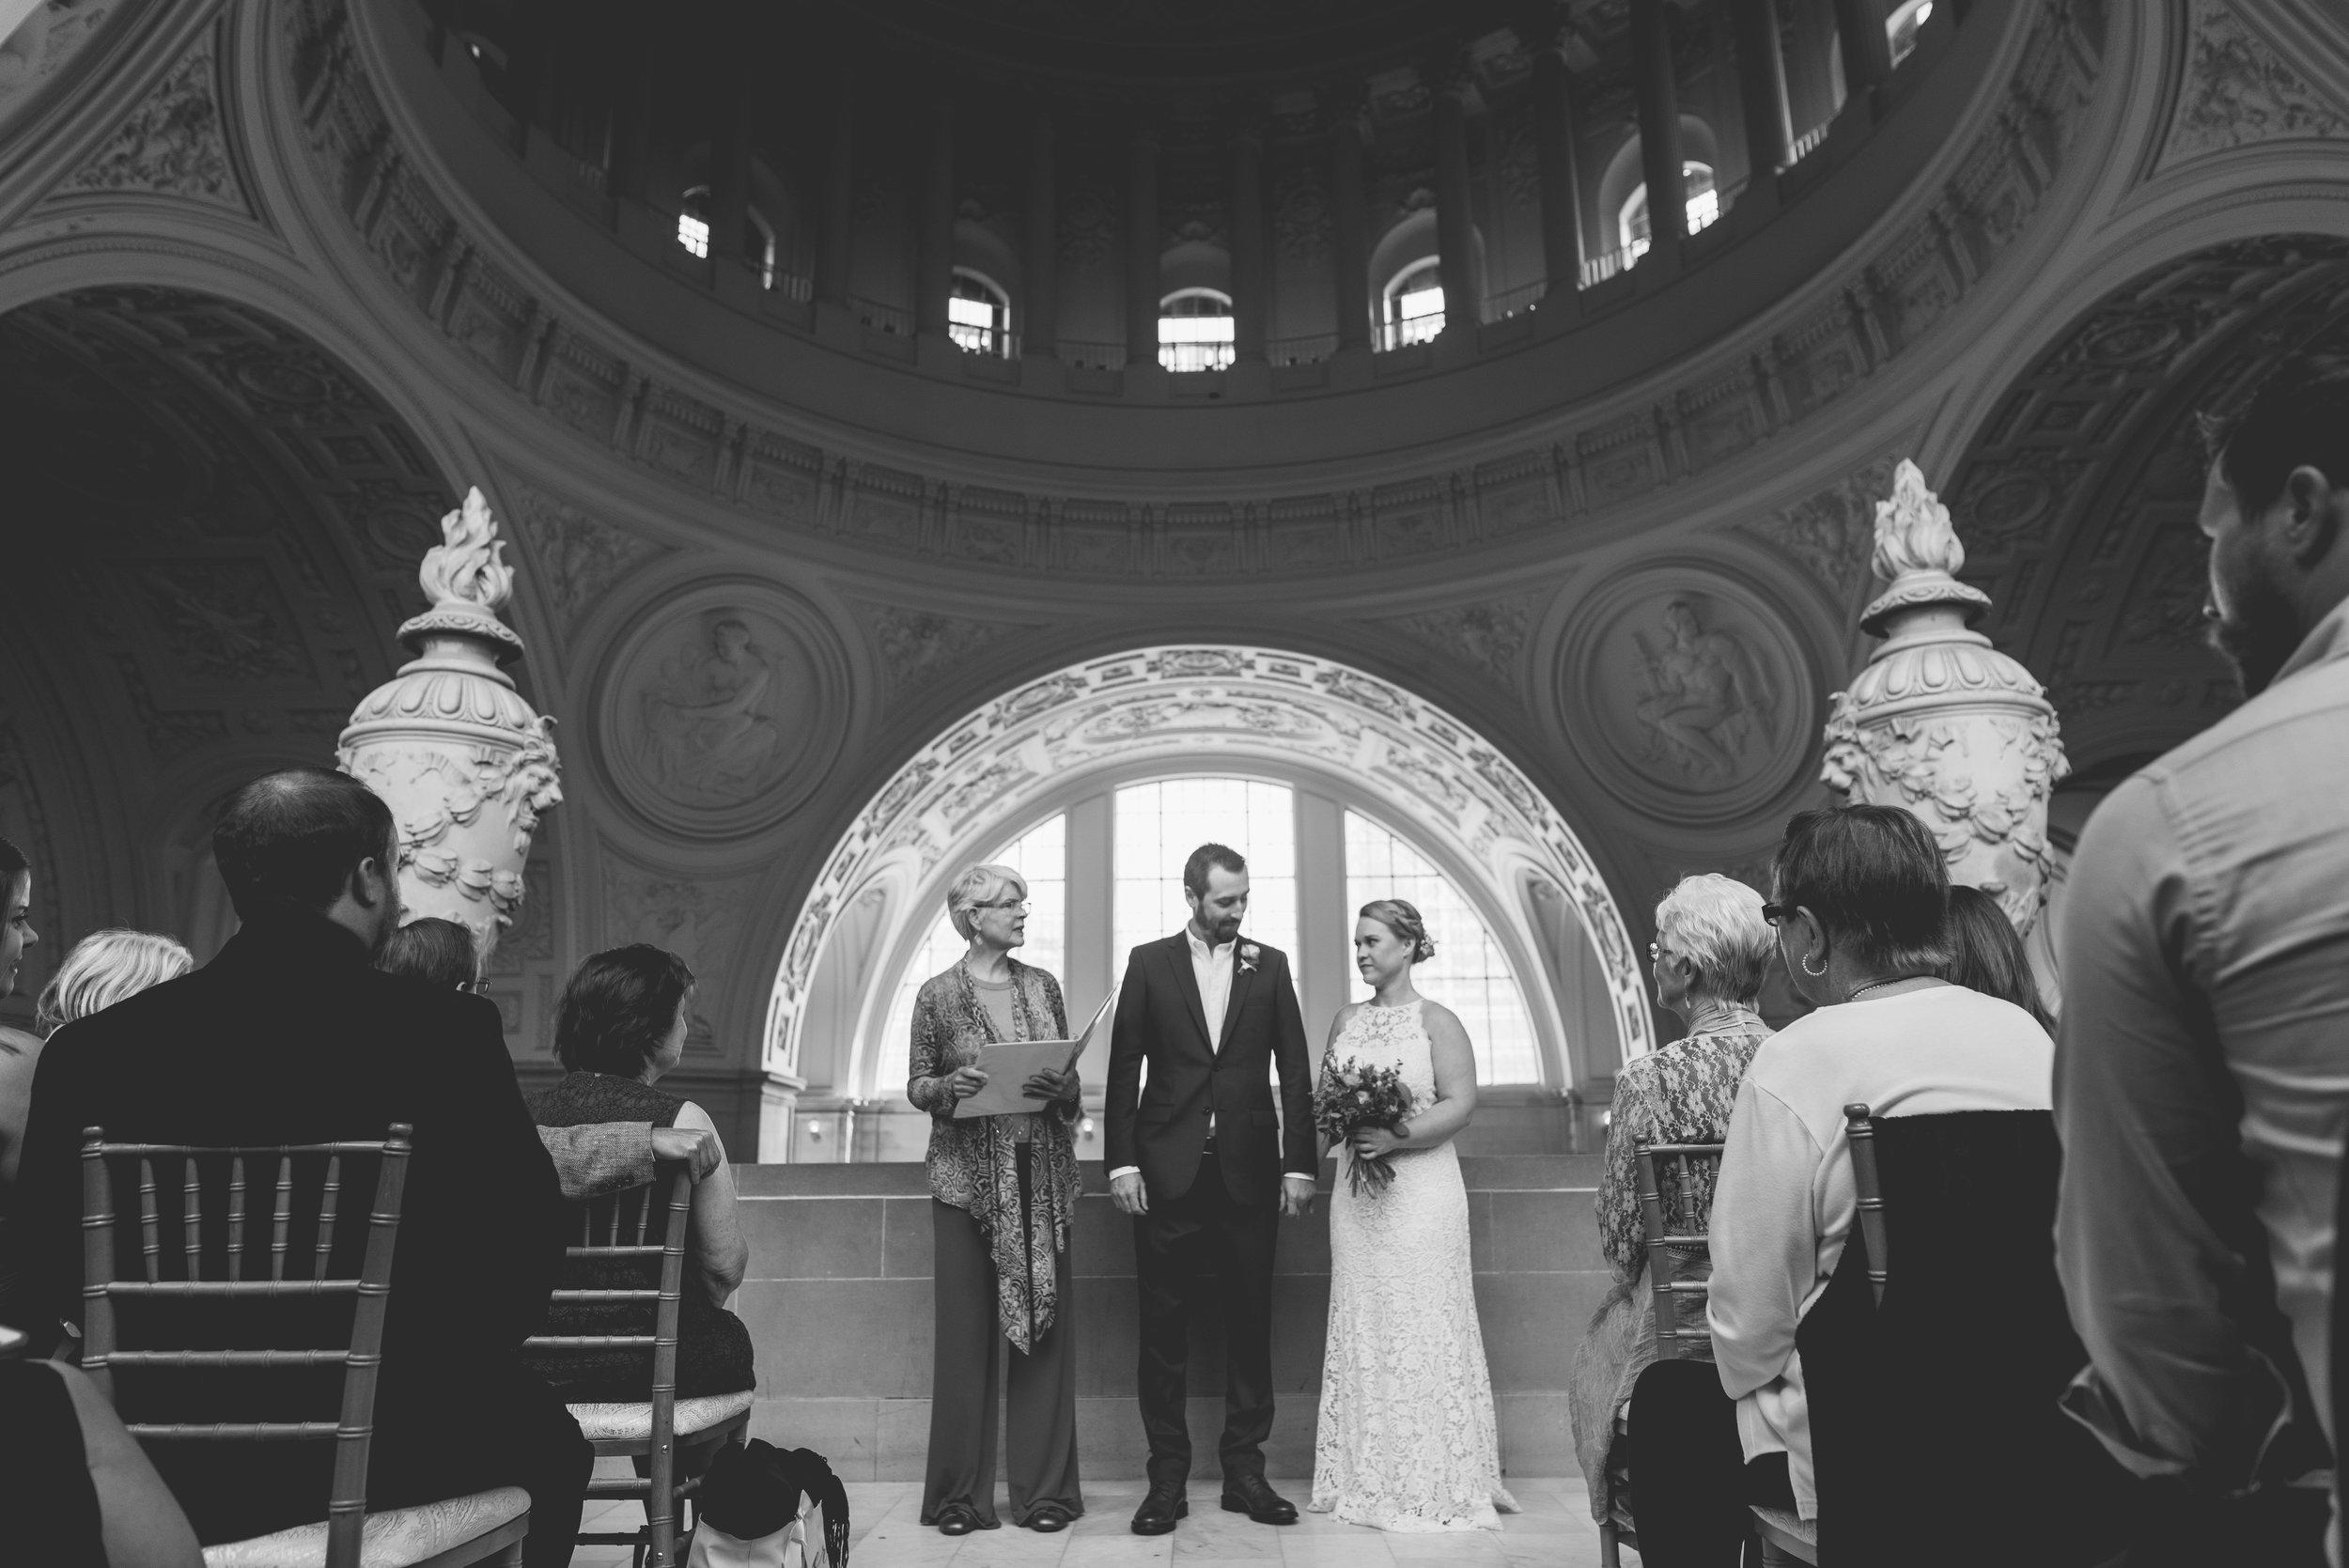 mcdaniels_conroy-wedding-ceremony-42.jpg